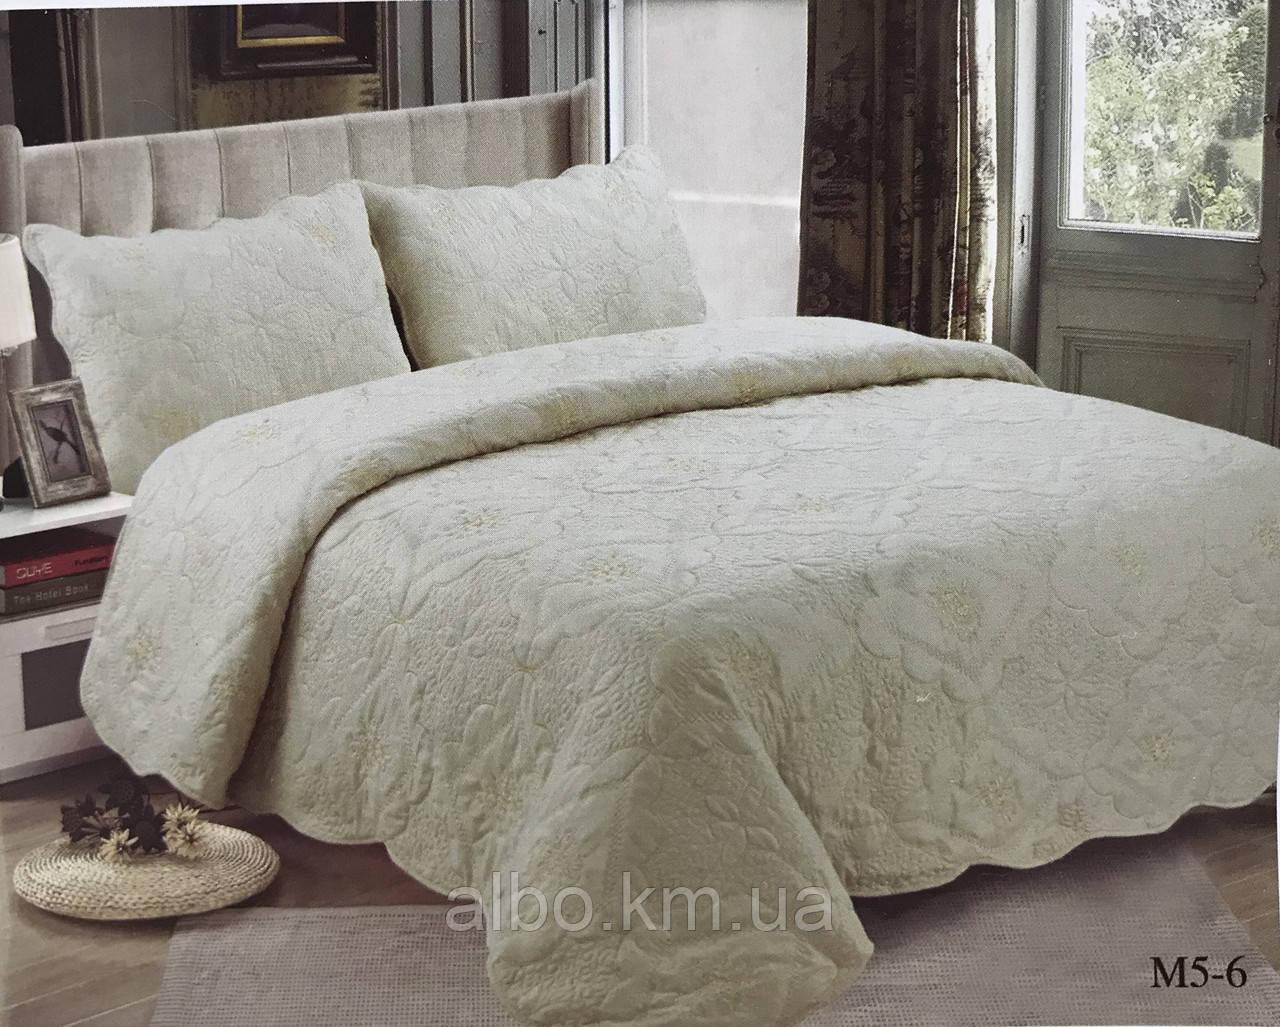 Покрывало на Евро кровать ALBO 210x230 cm + наволочки 50x70 cm (2 шт) Кофейное (P-M5-6)